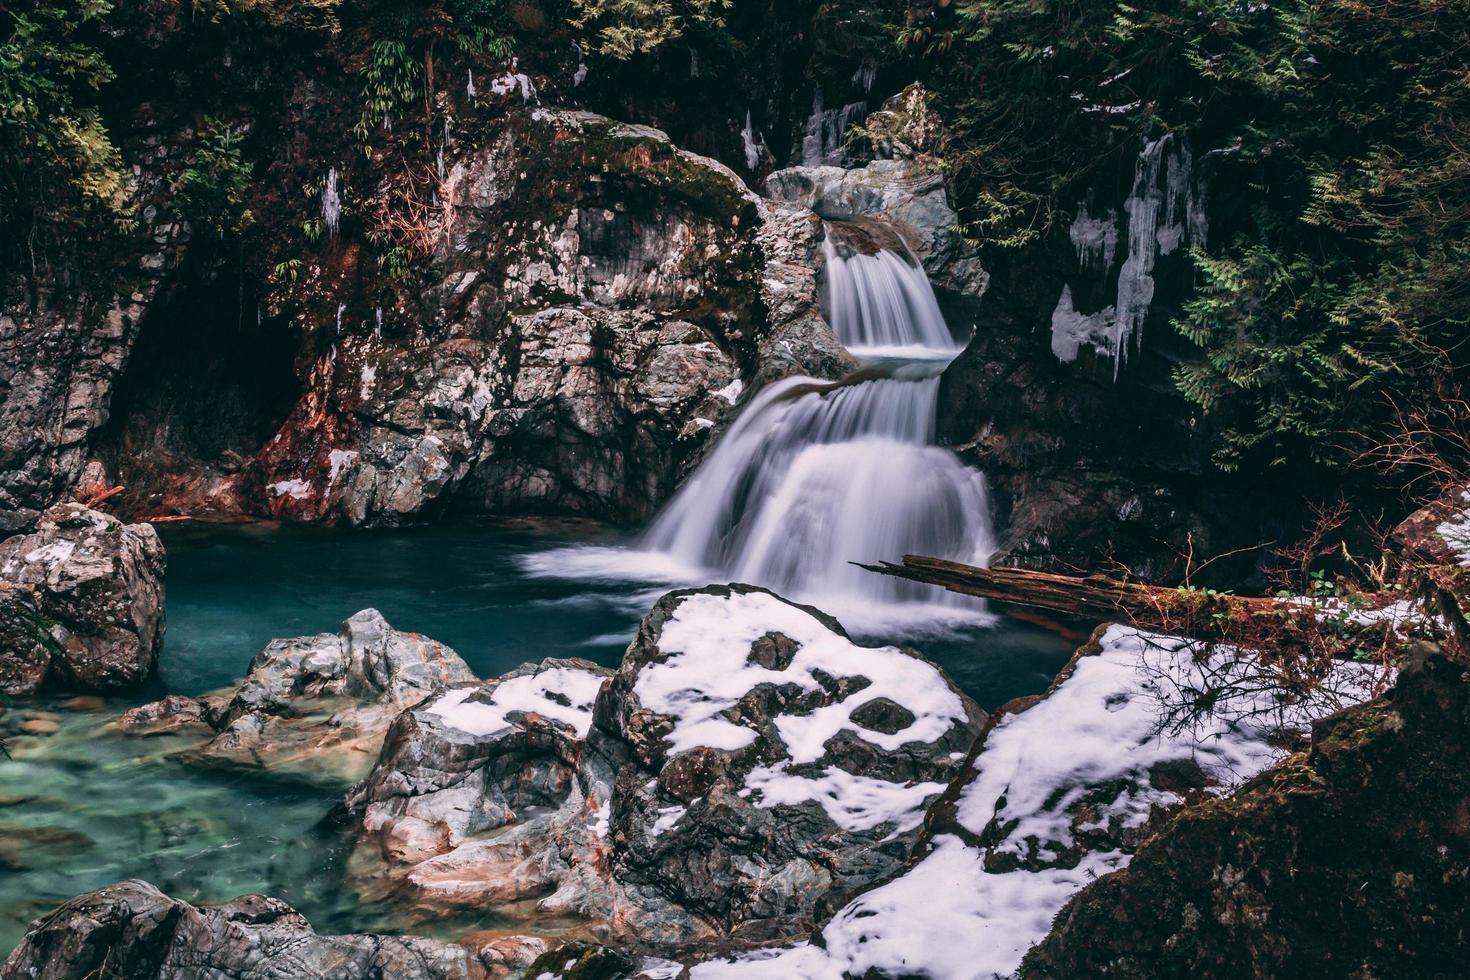 schöner Wasserfall in verschneiter Landschaft foto